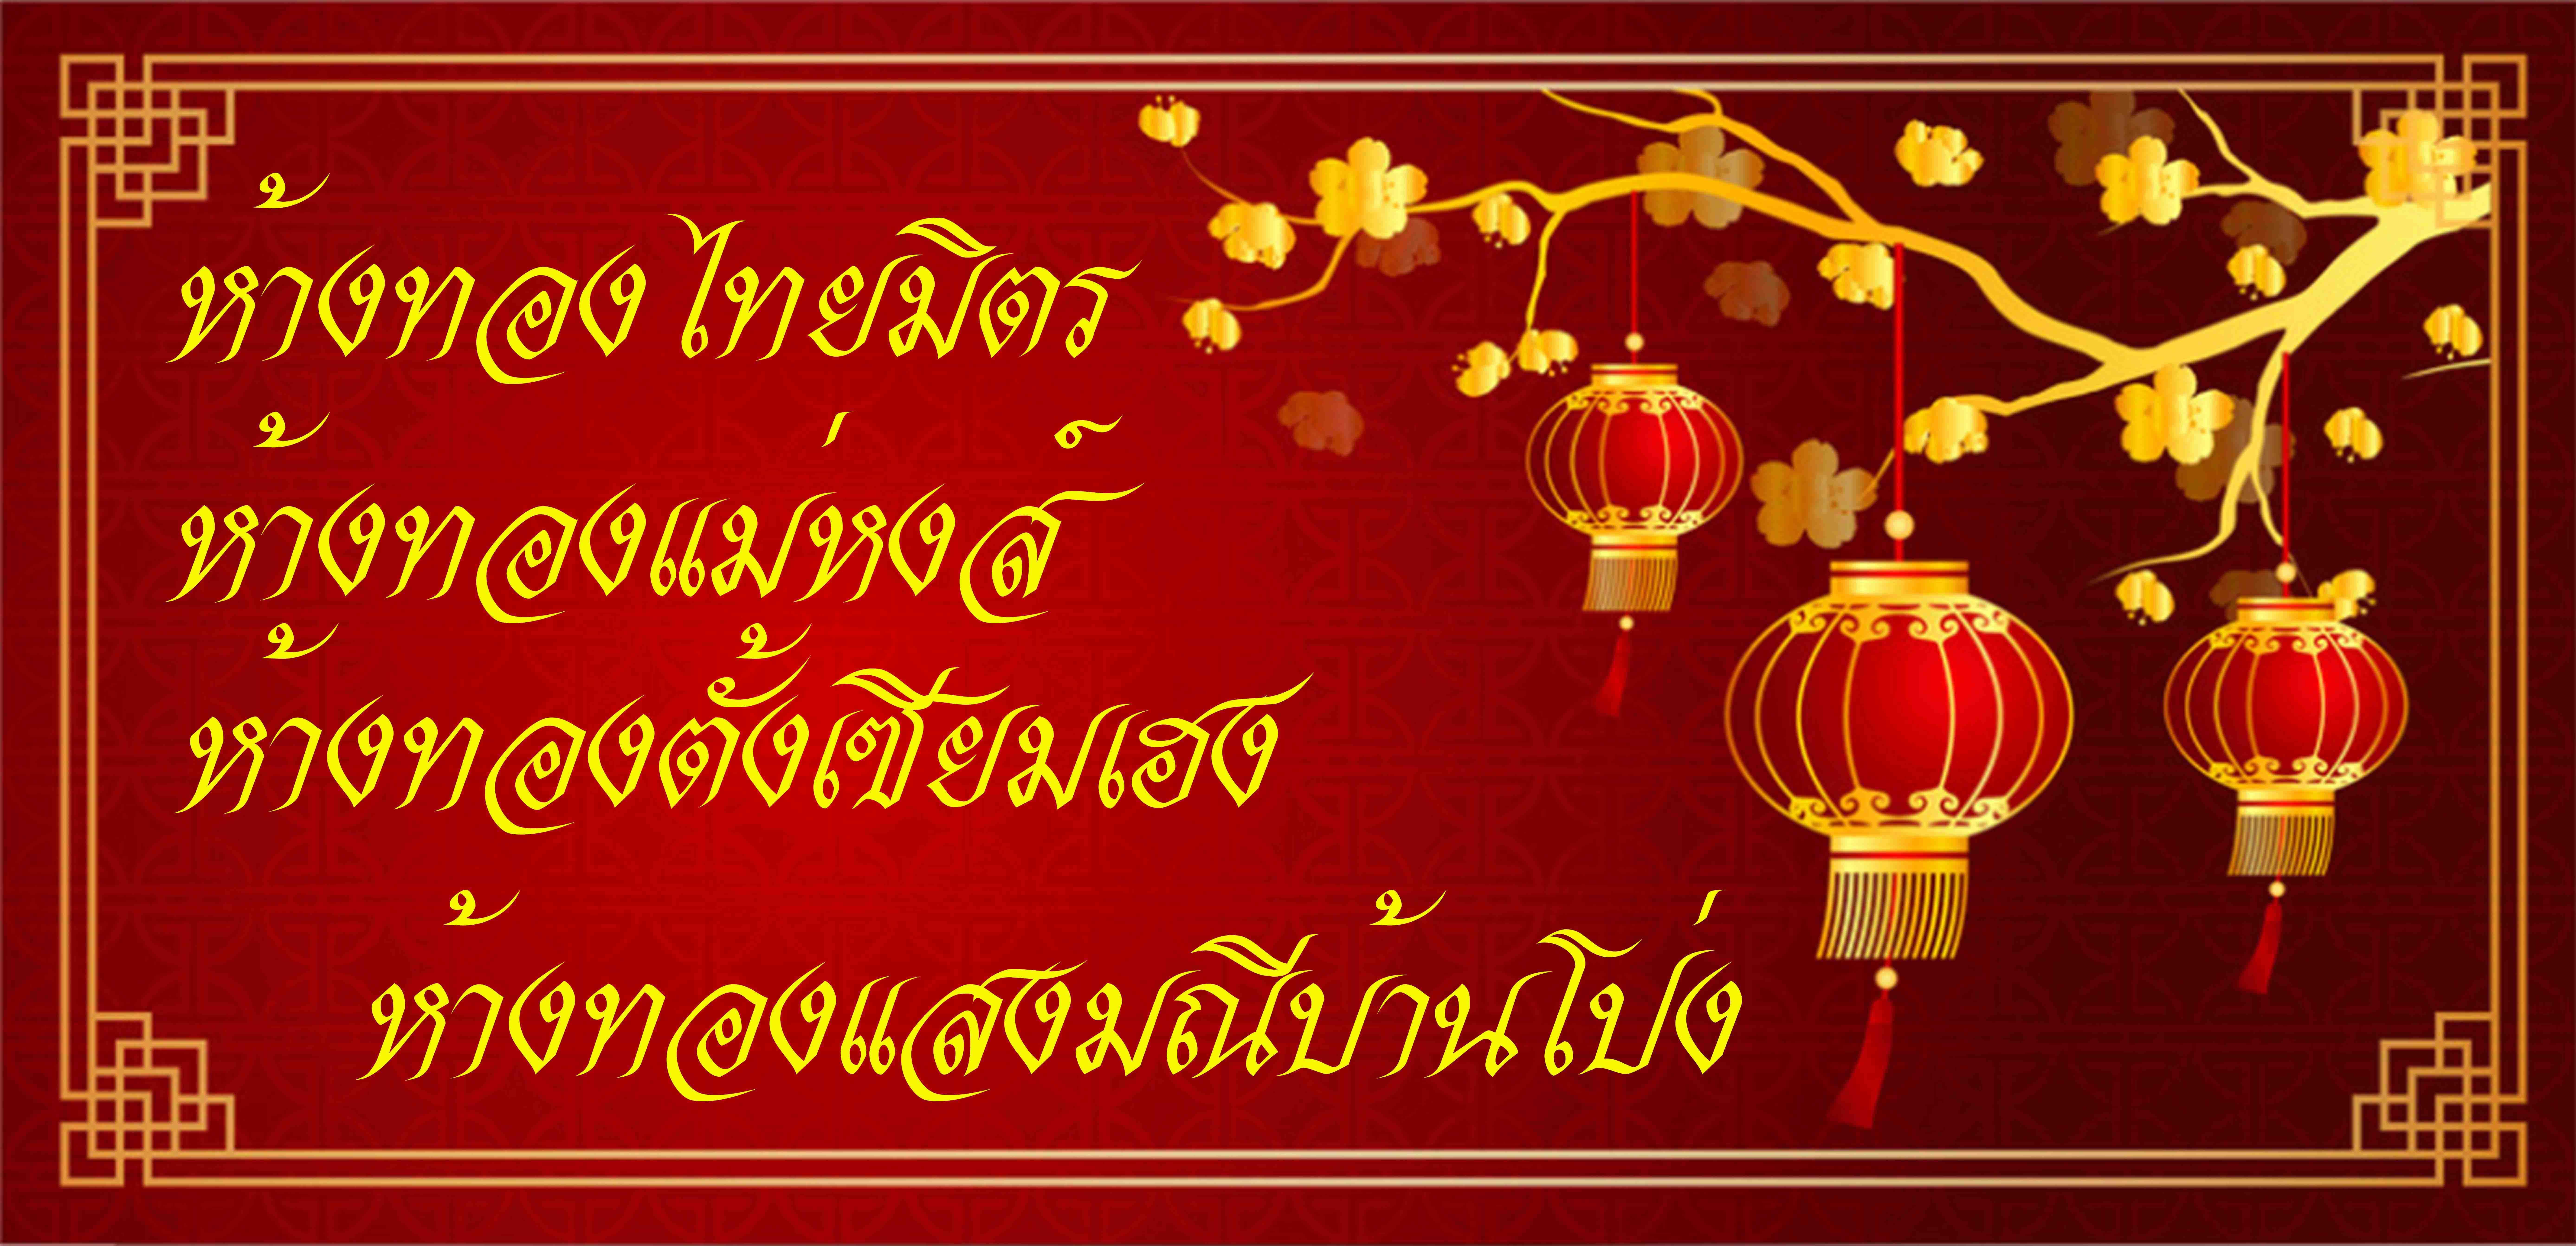 http://www.thaimitr2.com/